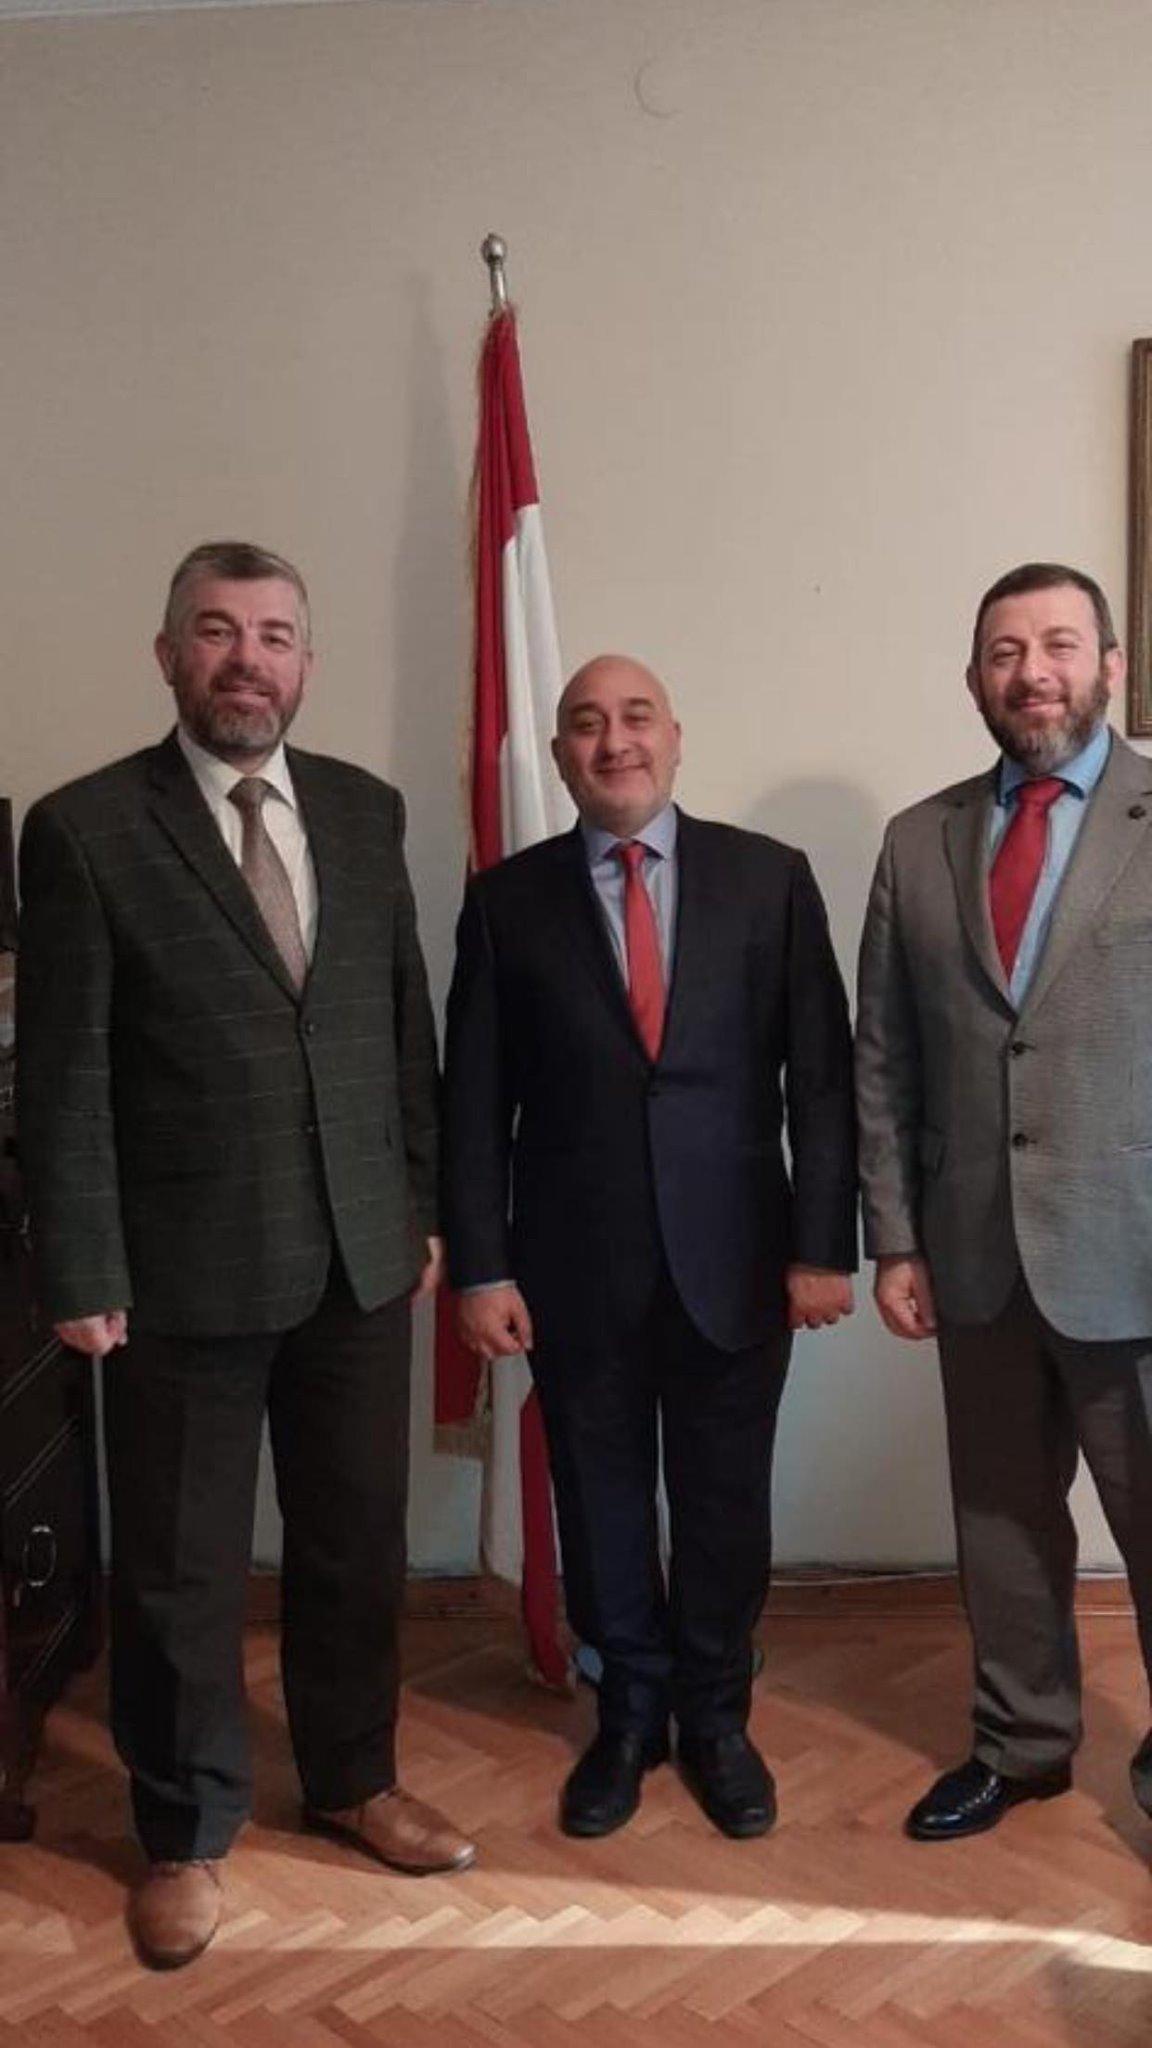 وفد من جامعة طرابلس بزيارة أكاديمية وعلمية إلى تركيا  (3/5)